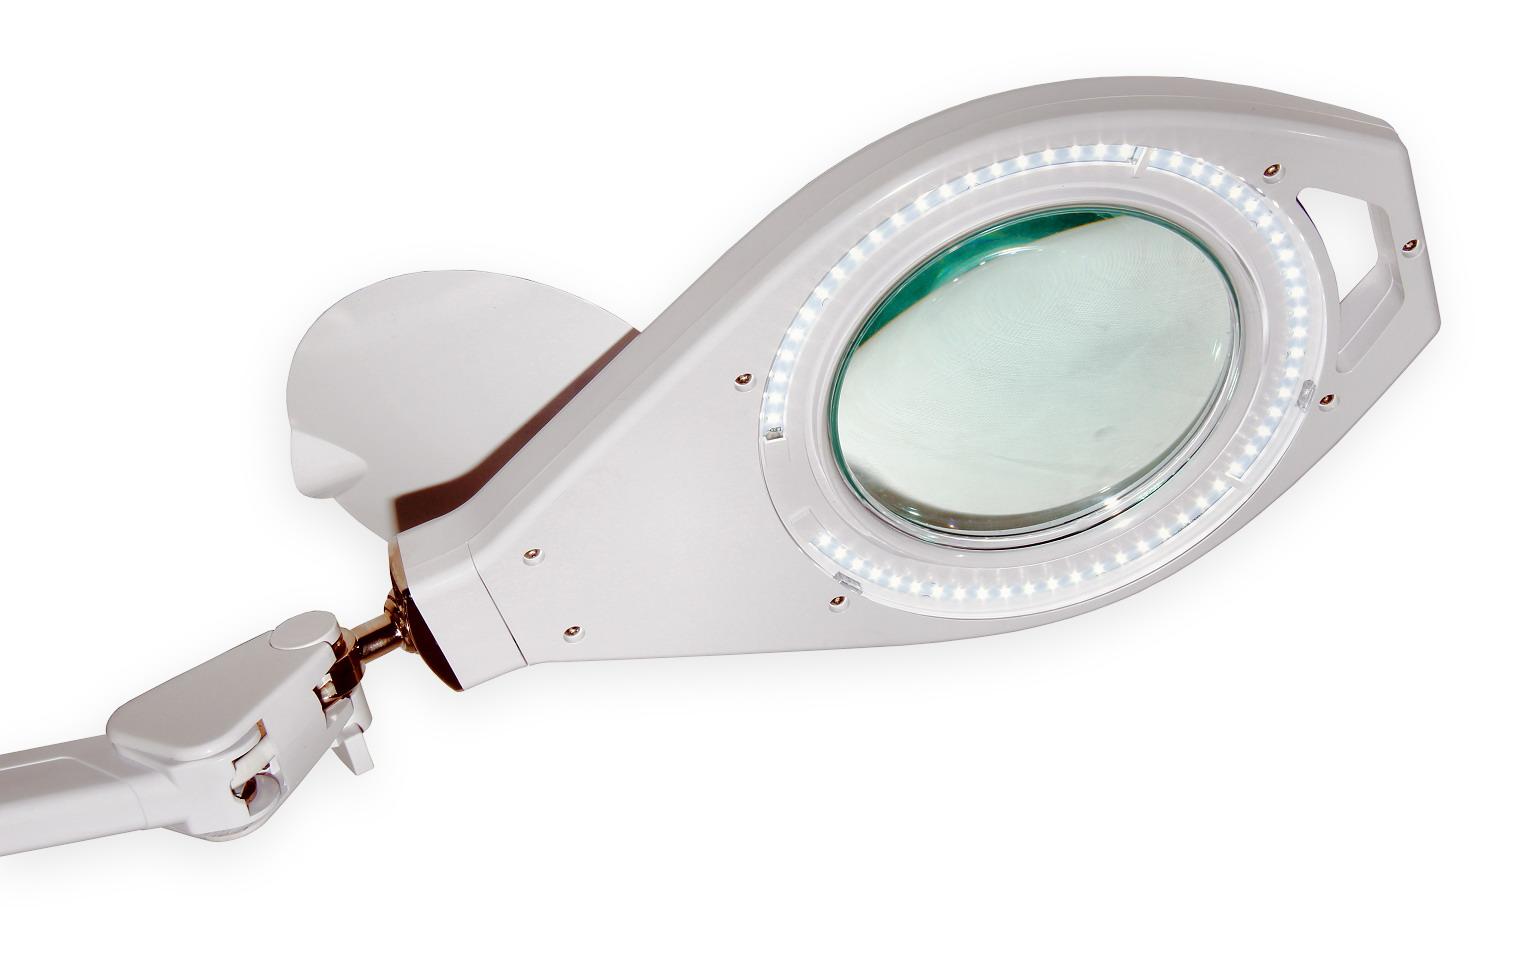 Stolná lampa s LED osvetlením typ LUX zväčšenie 8D